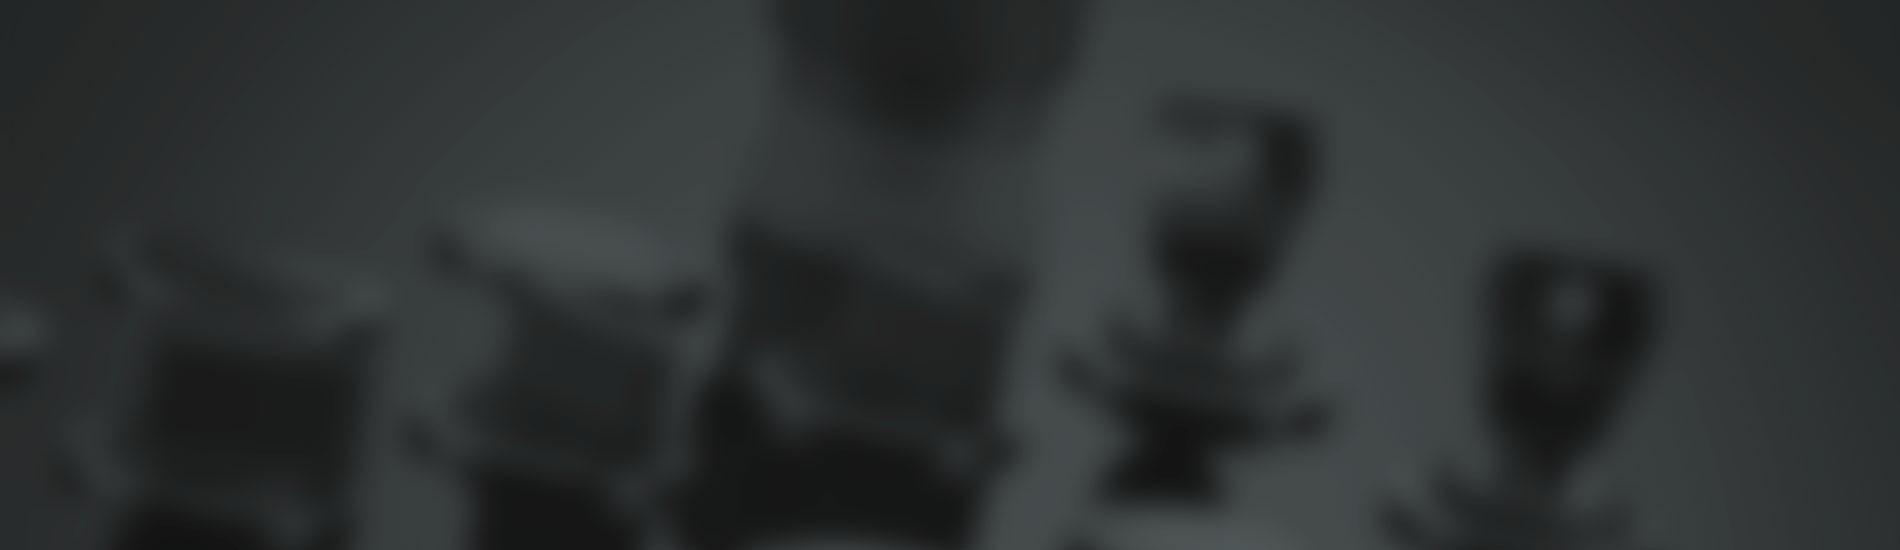 Nuevo catálogo de pulsadores Rondex Juwel